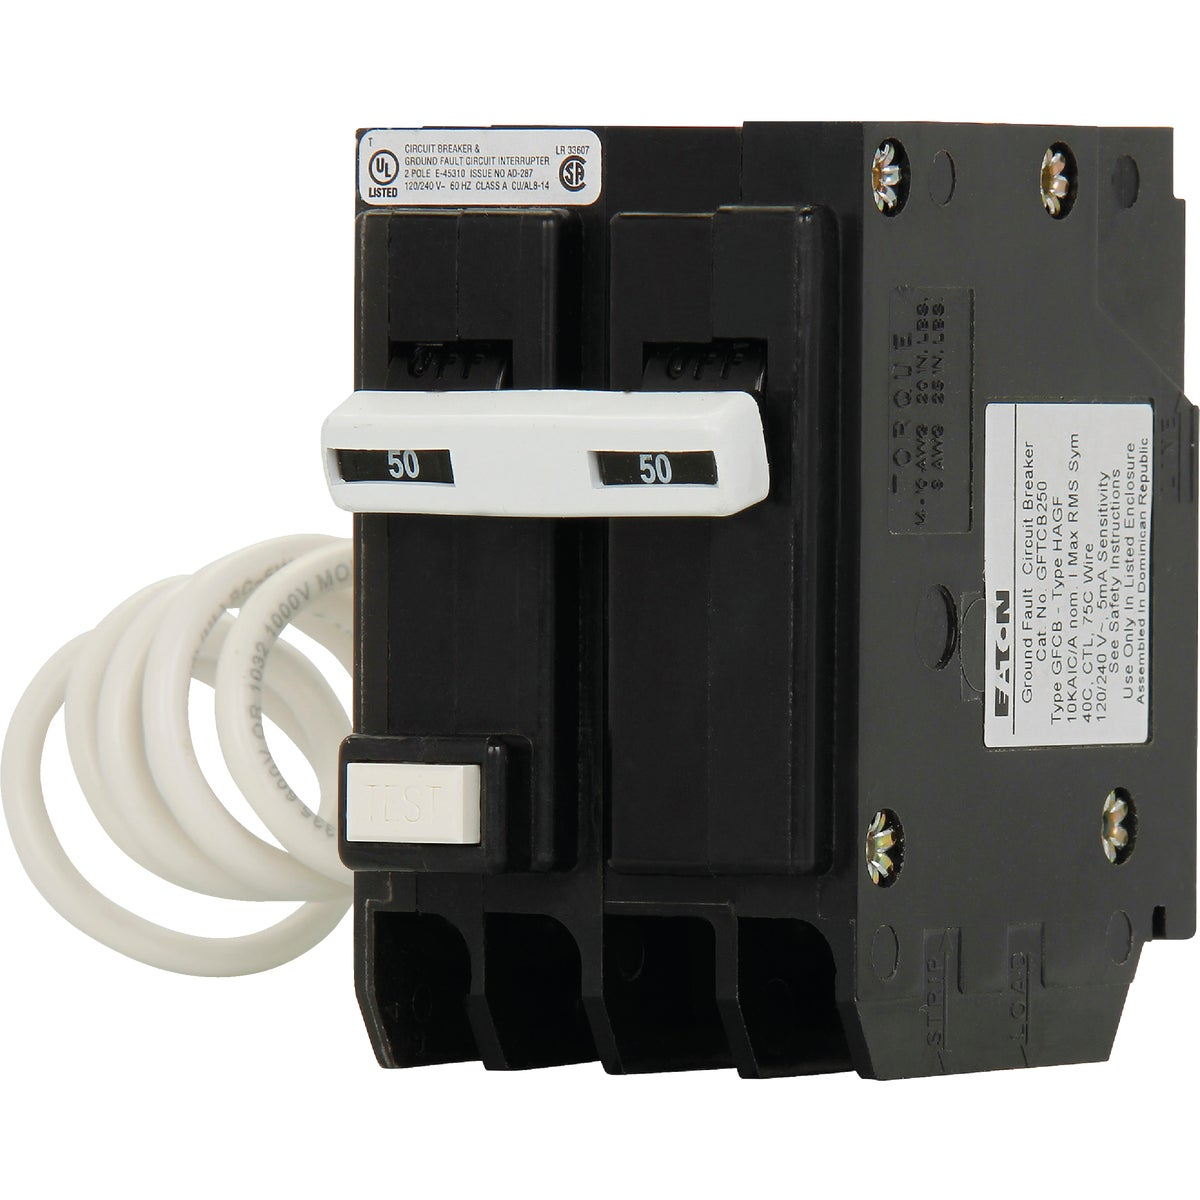 50A Gfi Circuit Breaker